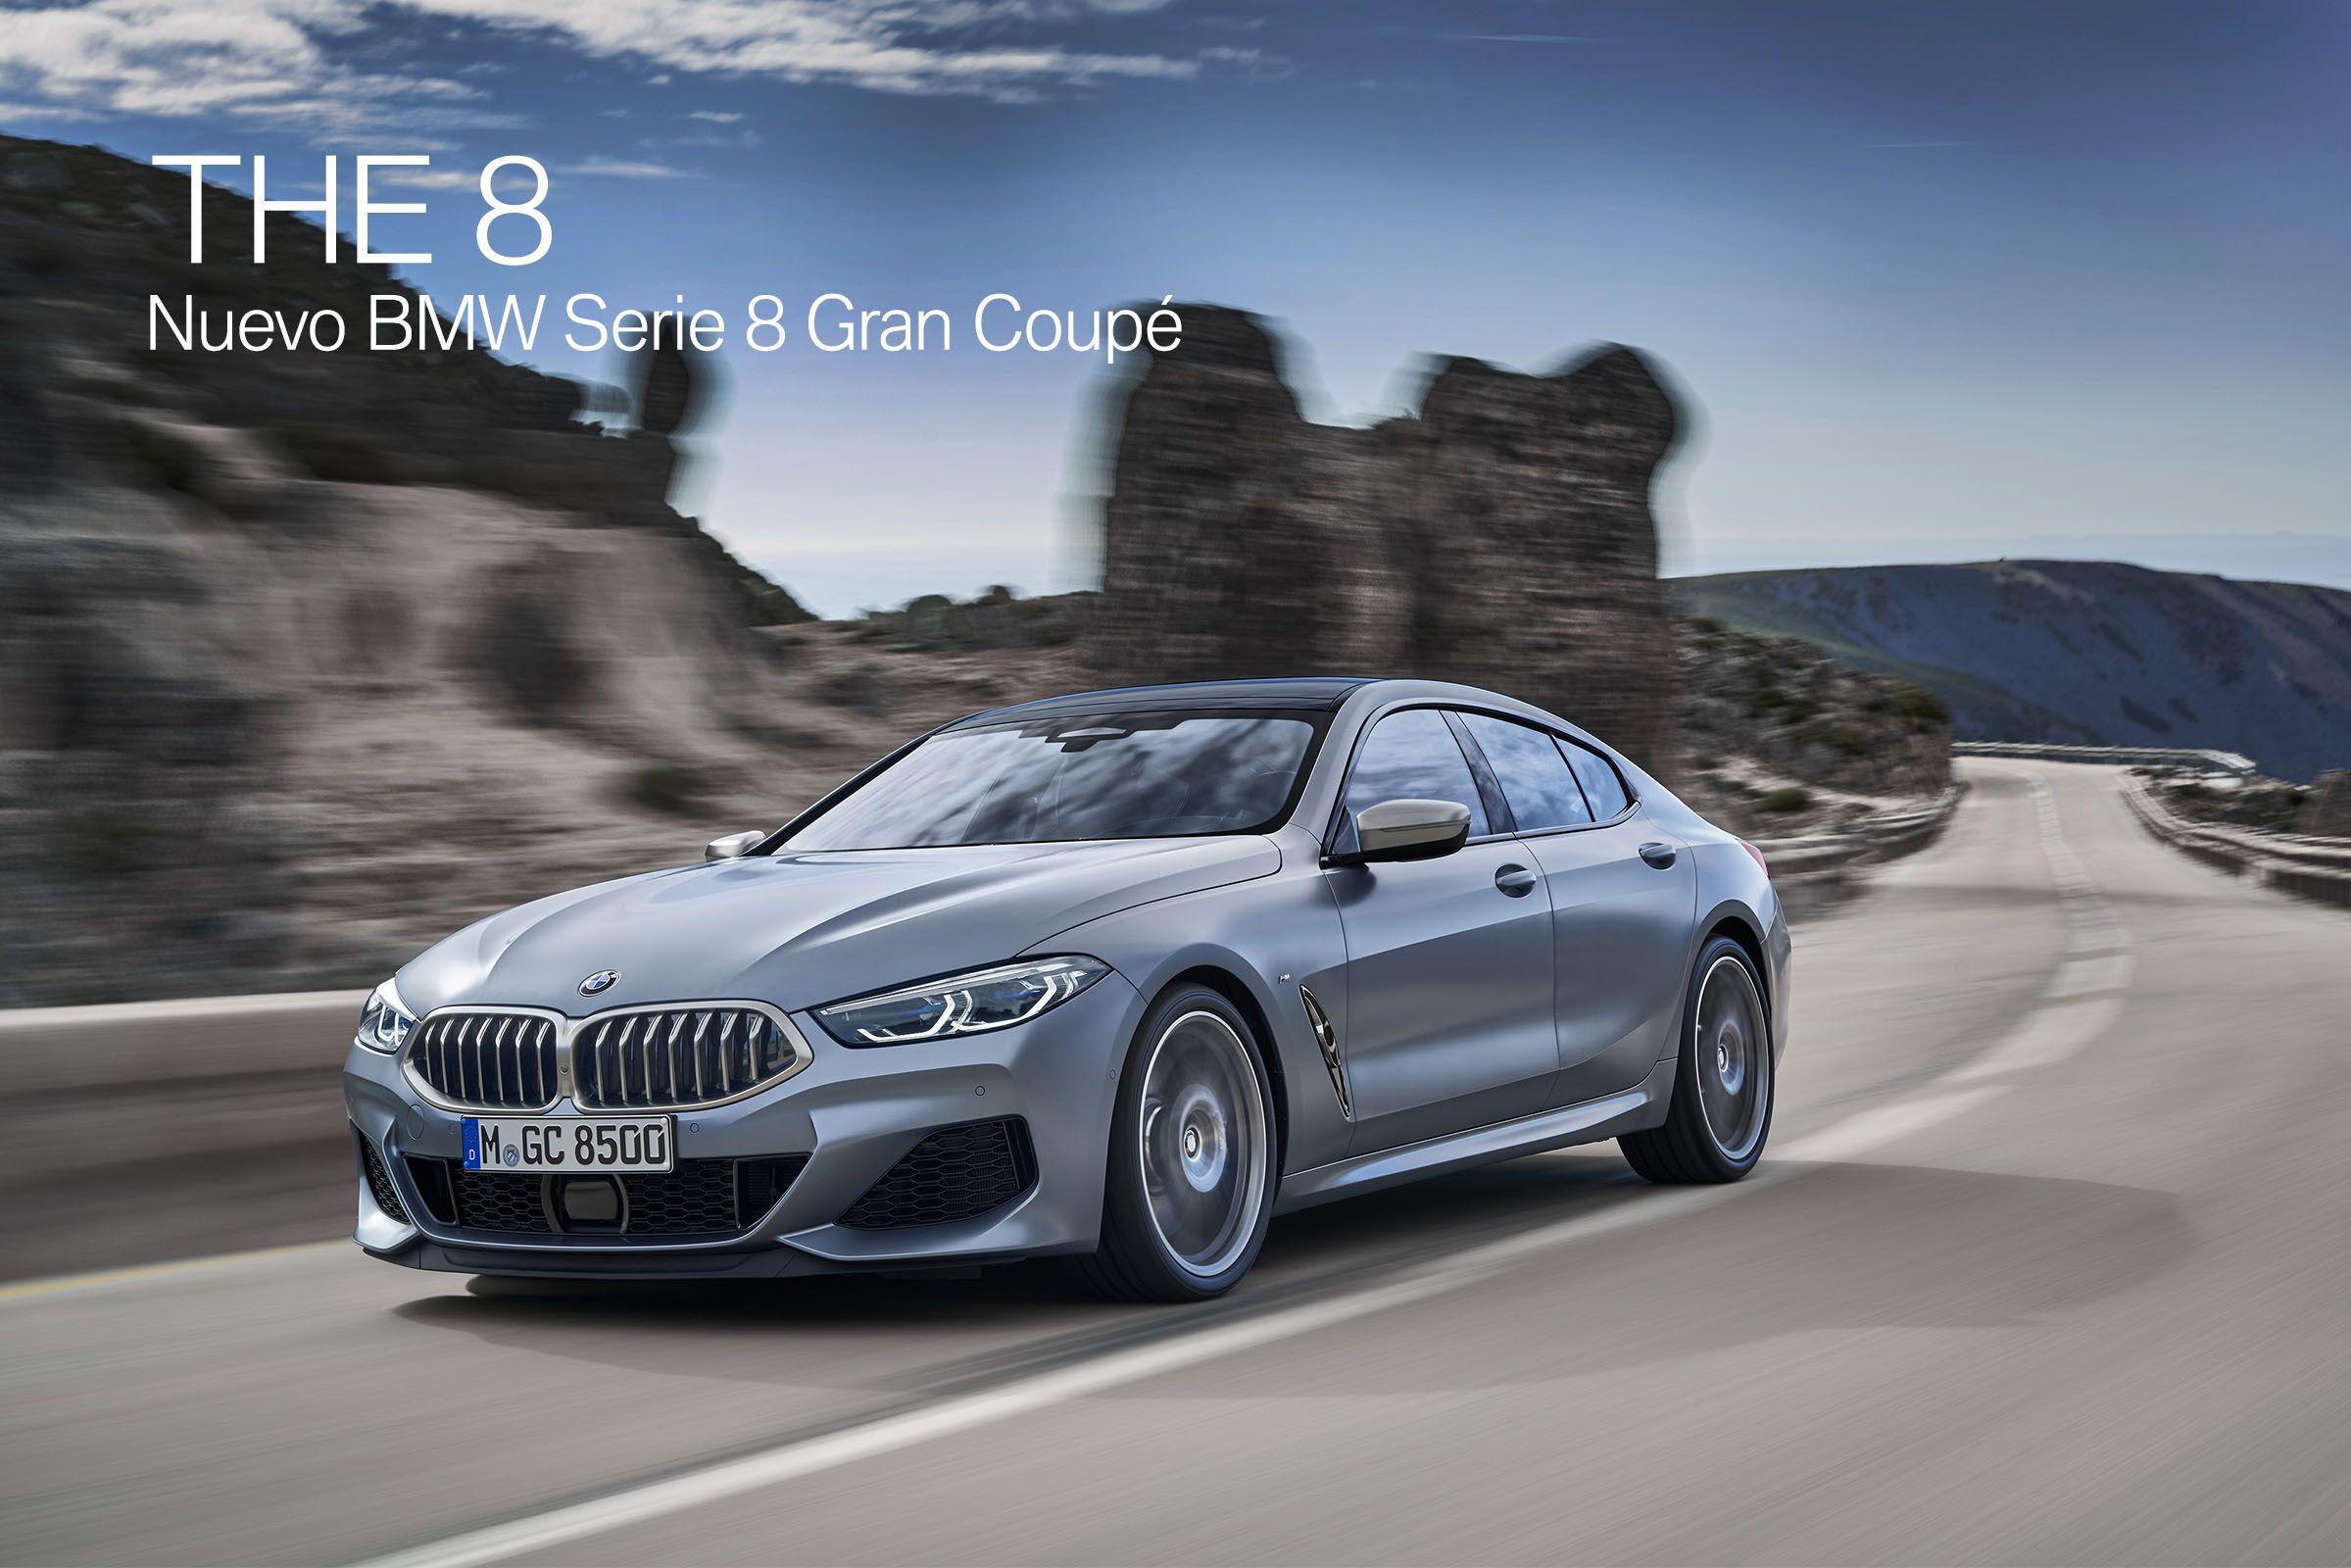 Nuevo BMW Serie 8 Gran Coupé